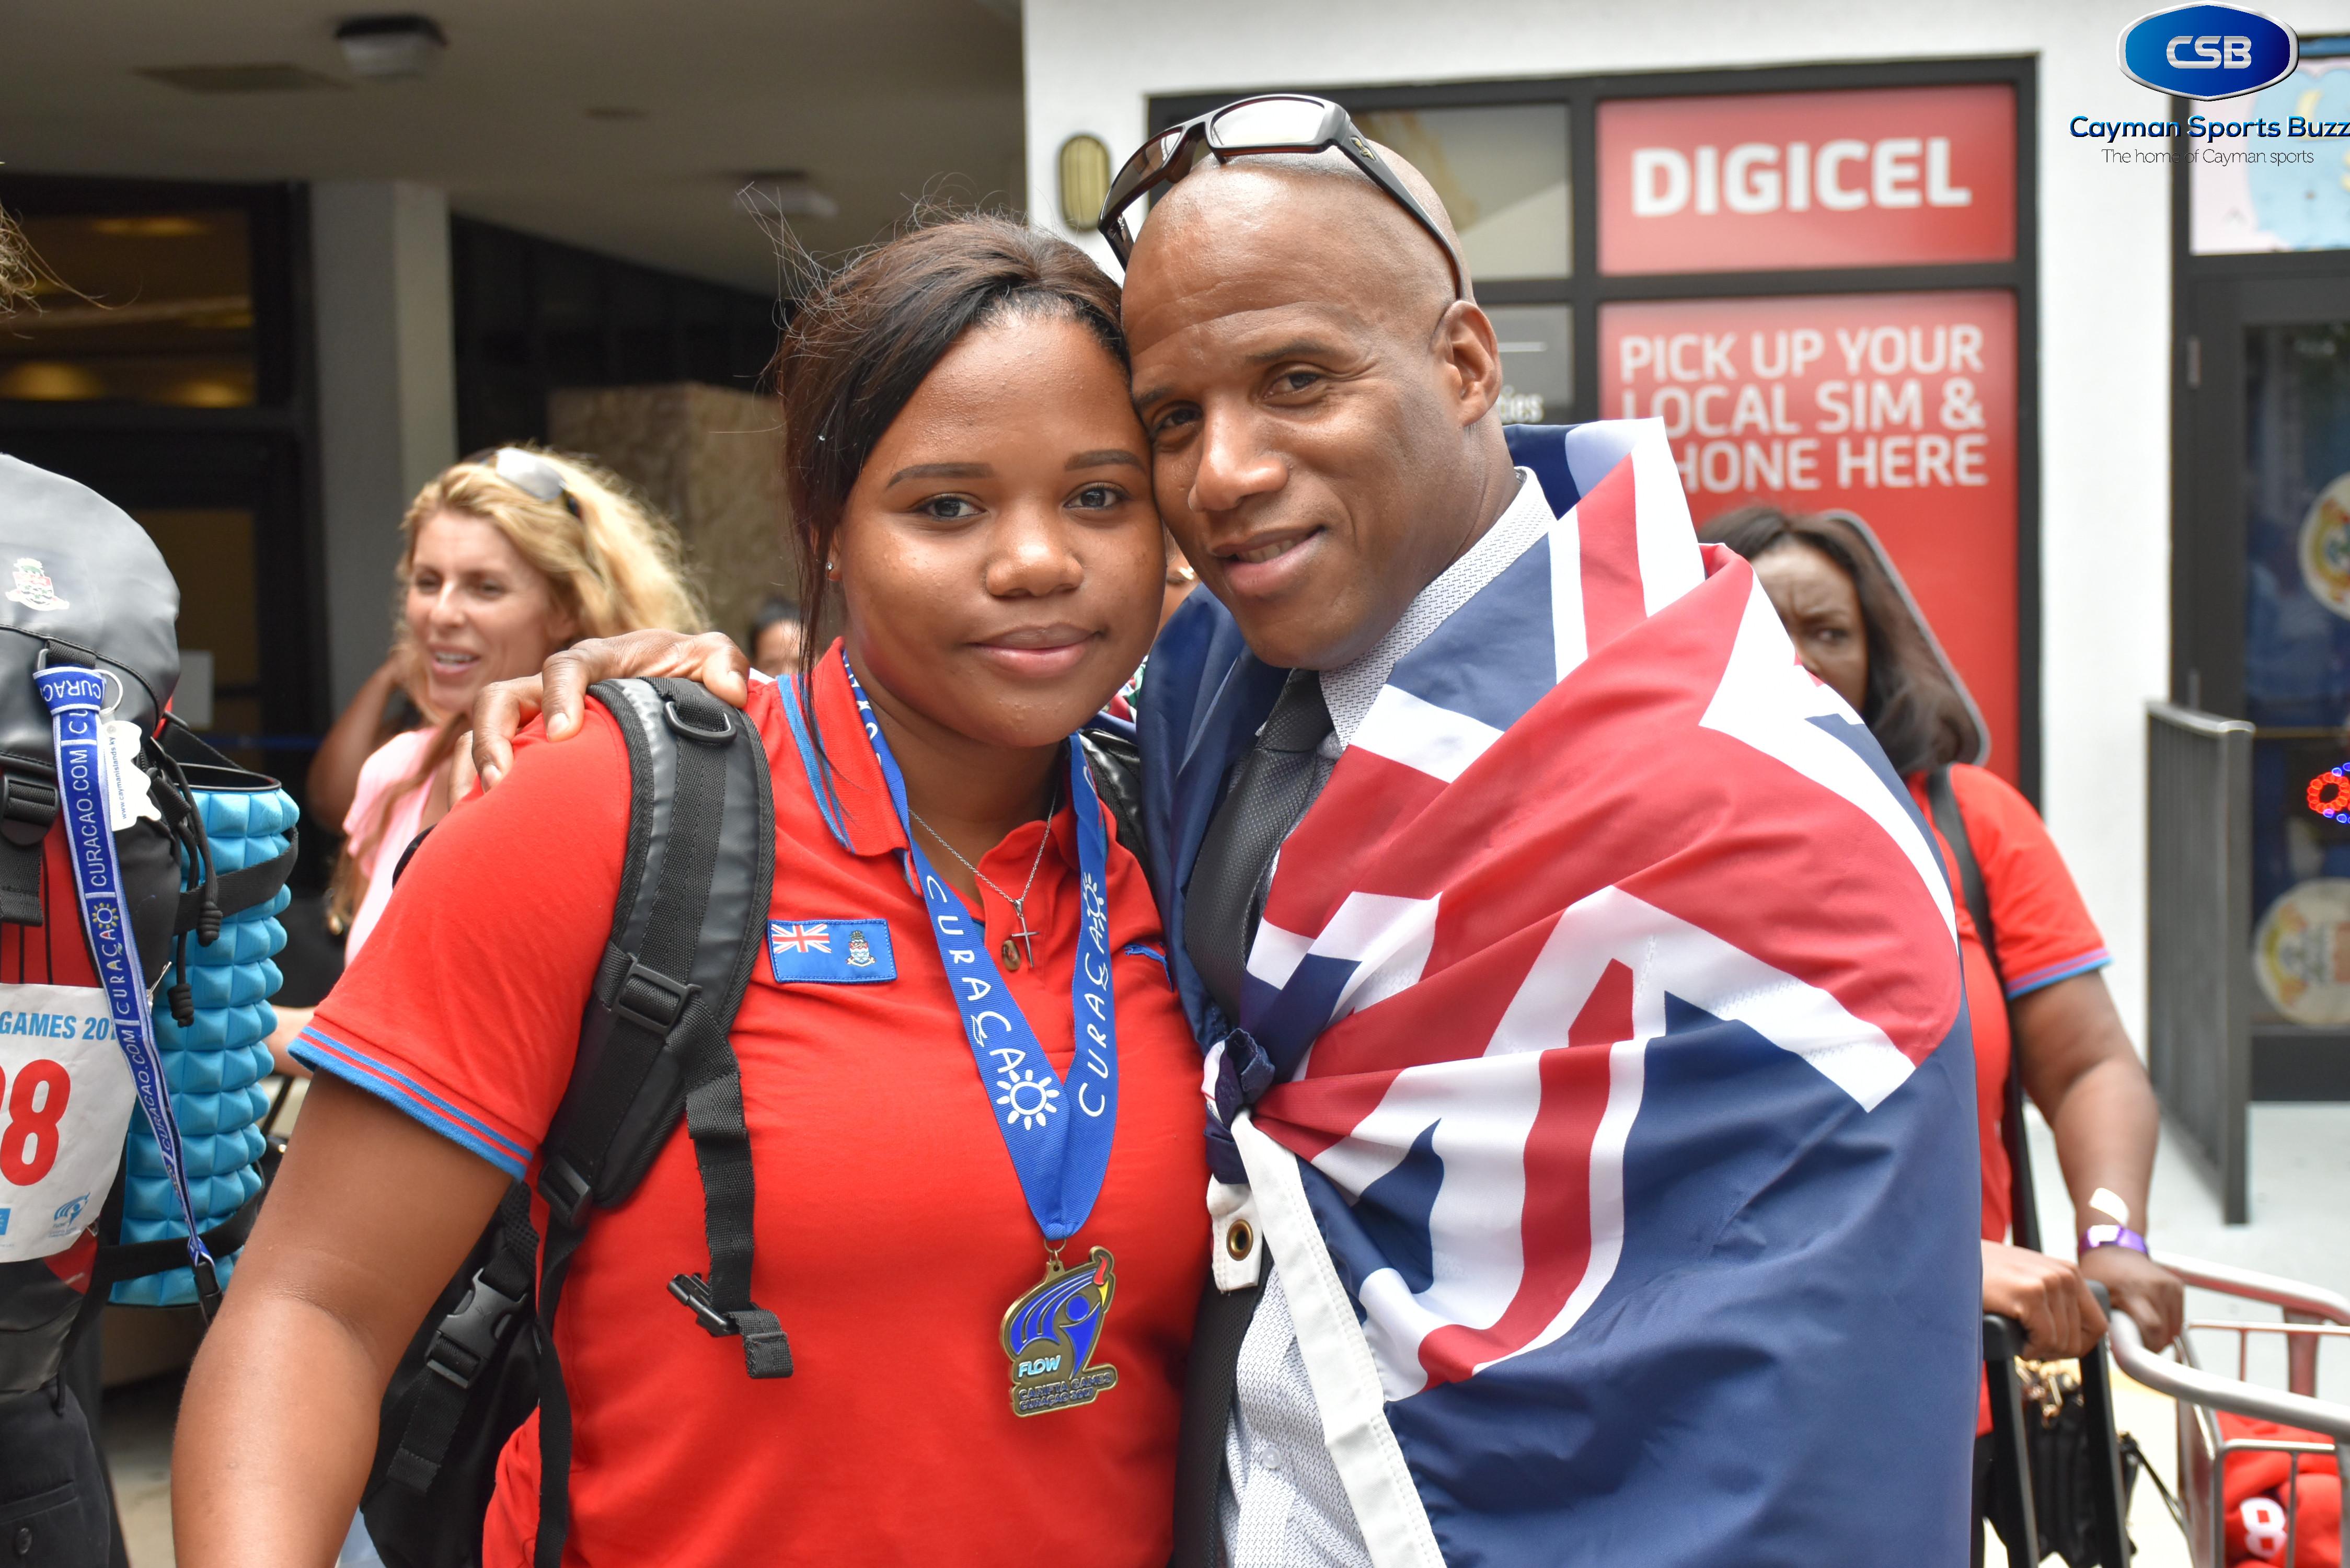 Barnes Ready To Mend Bridges As Athletics President Cayman Sports Buzz